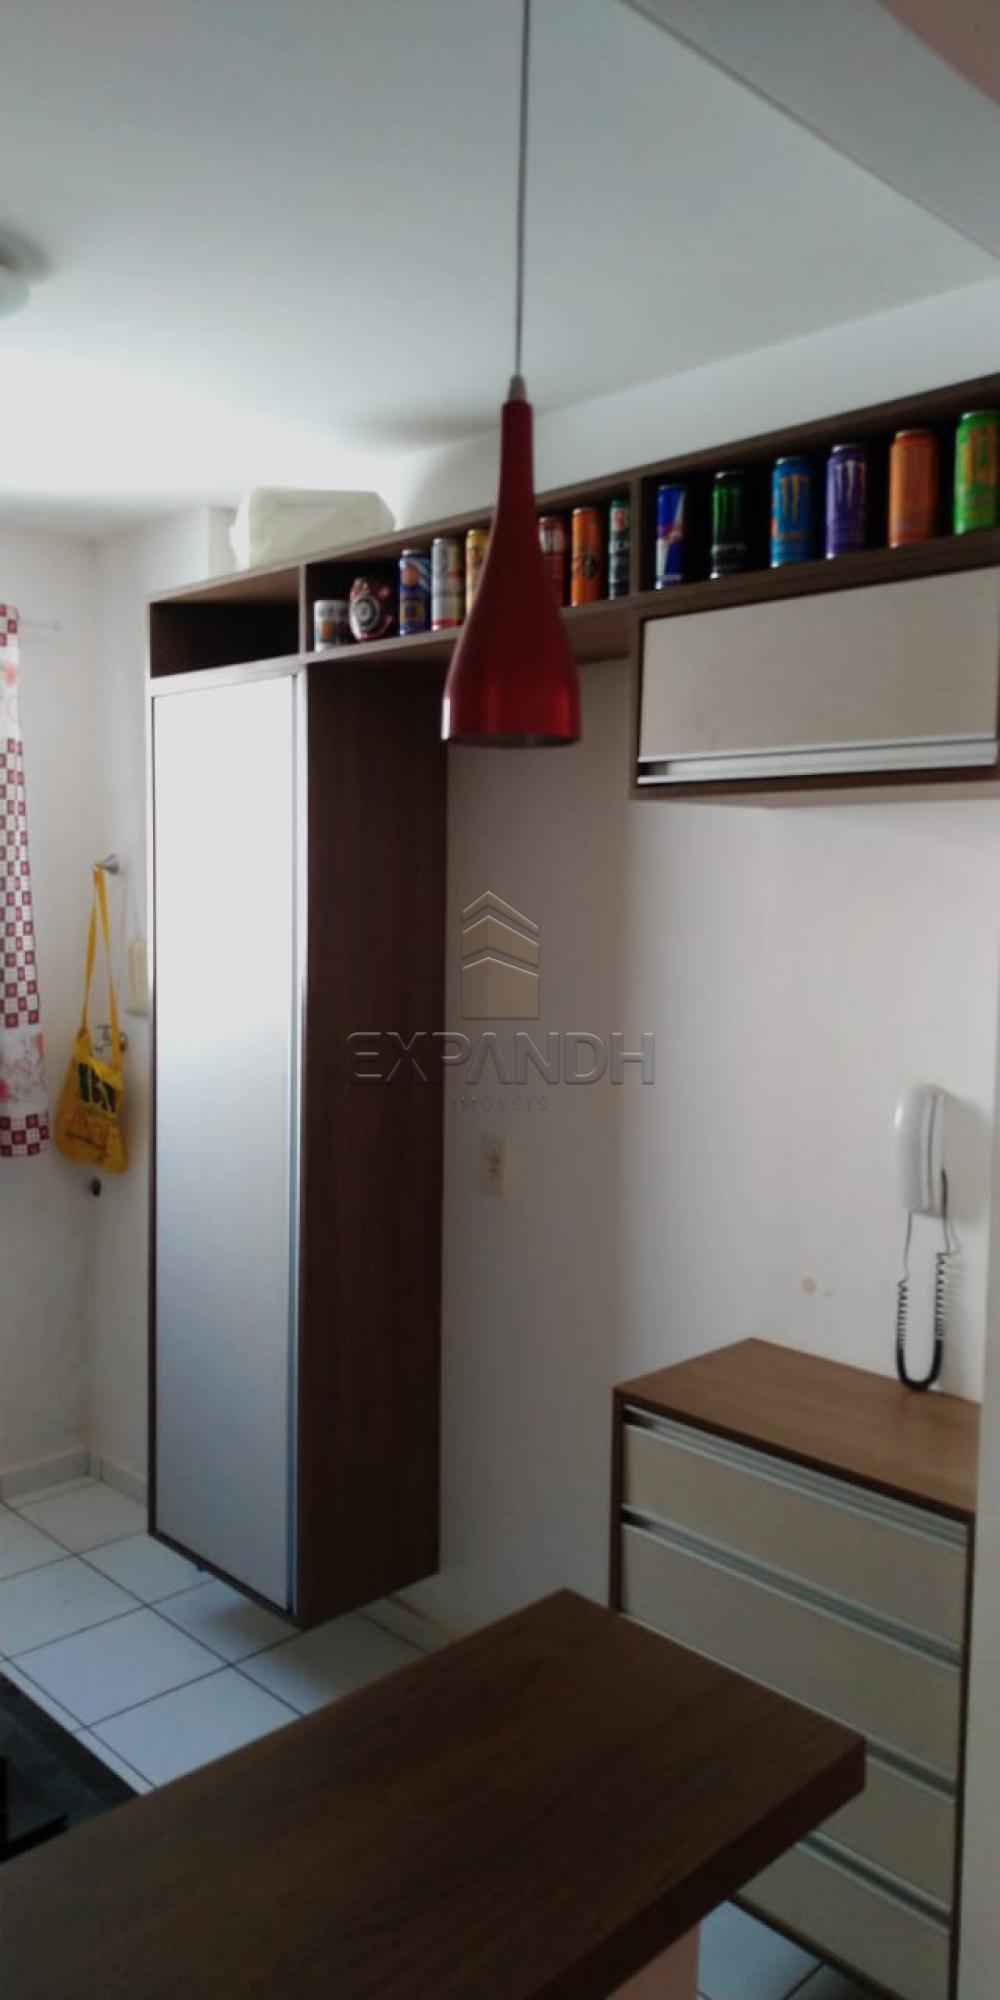 Comprar Apartamentos / Padrão em Sertãozinho R$ 148.000,00 - Foto 5